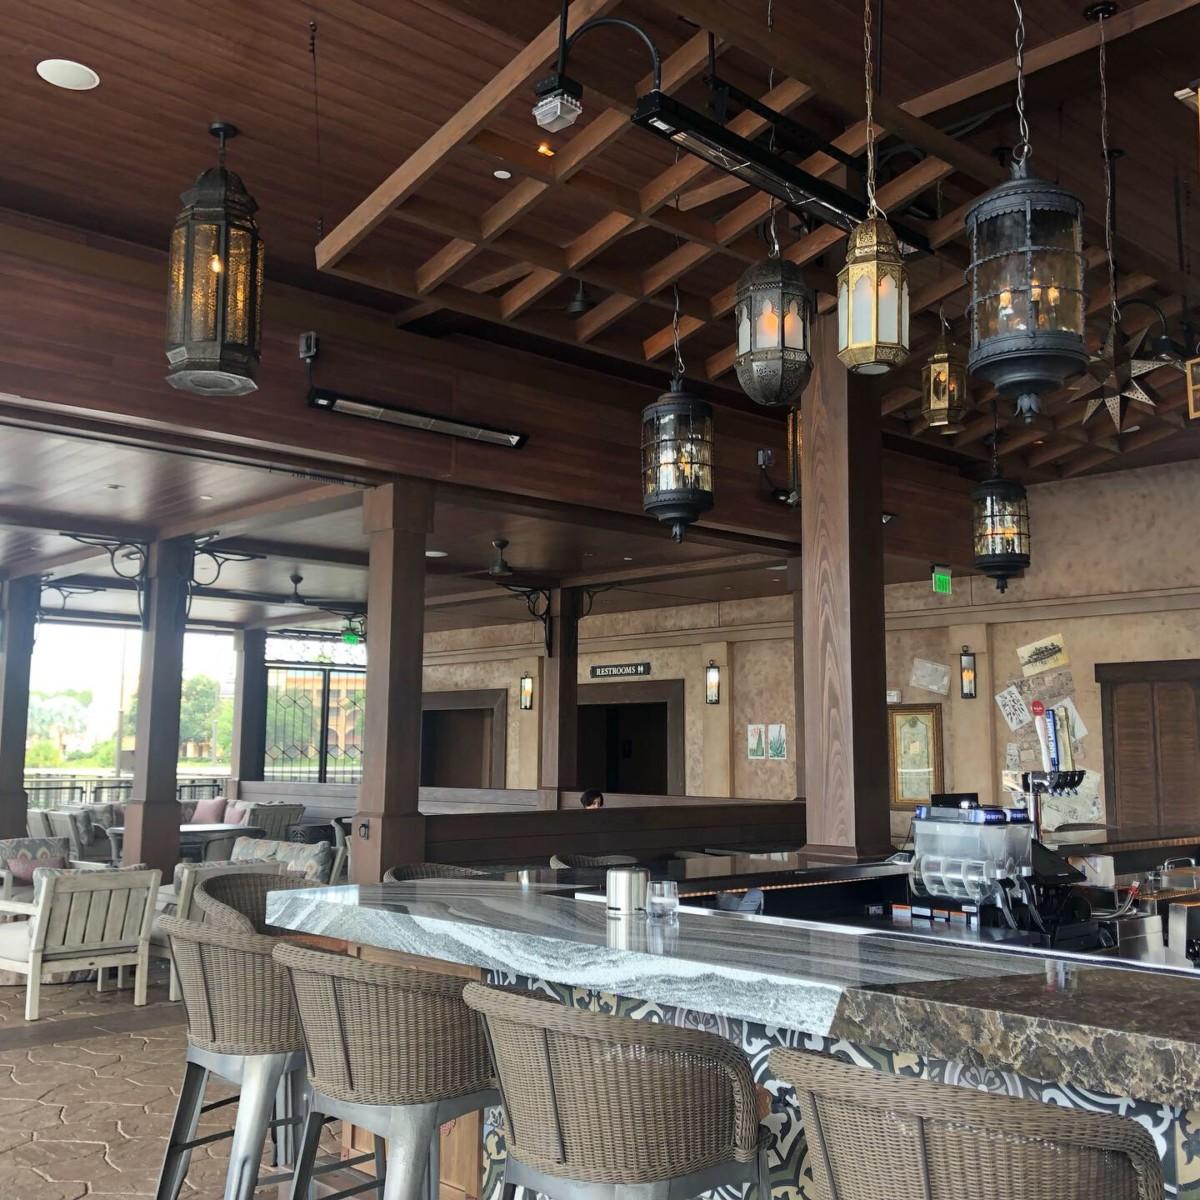 See the NEW Gran Destino Tower at #CoronadoSprings 13